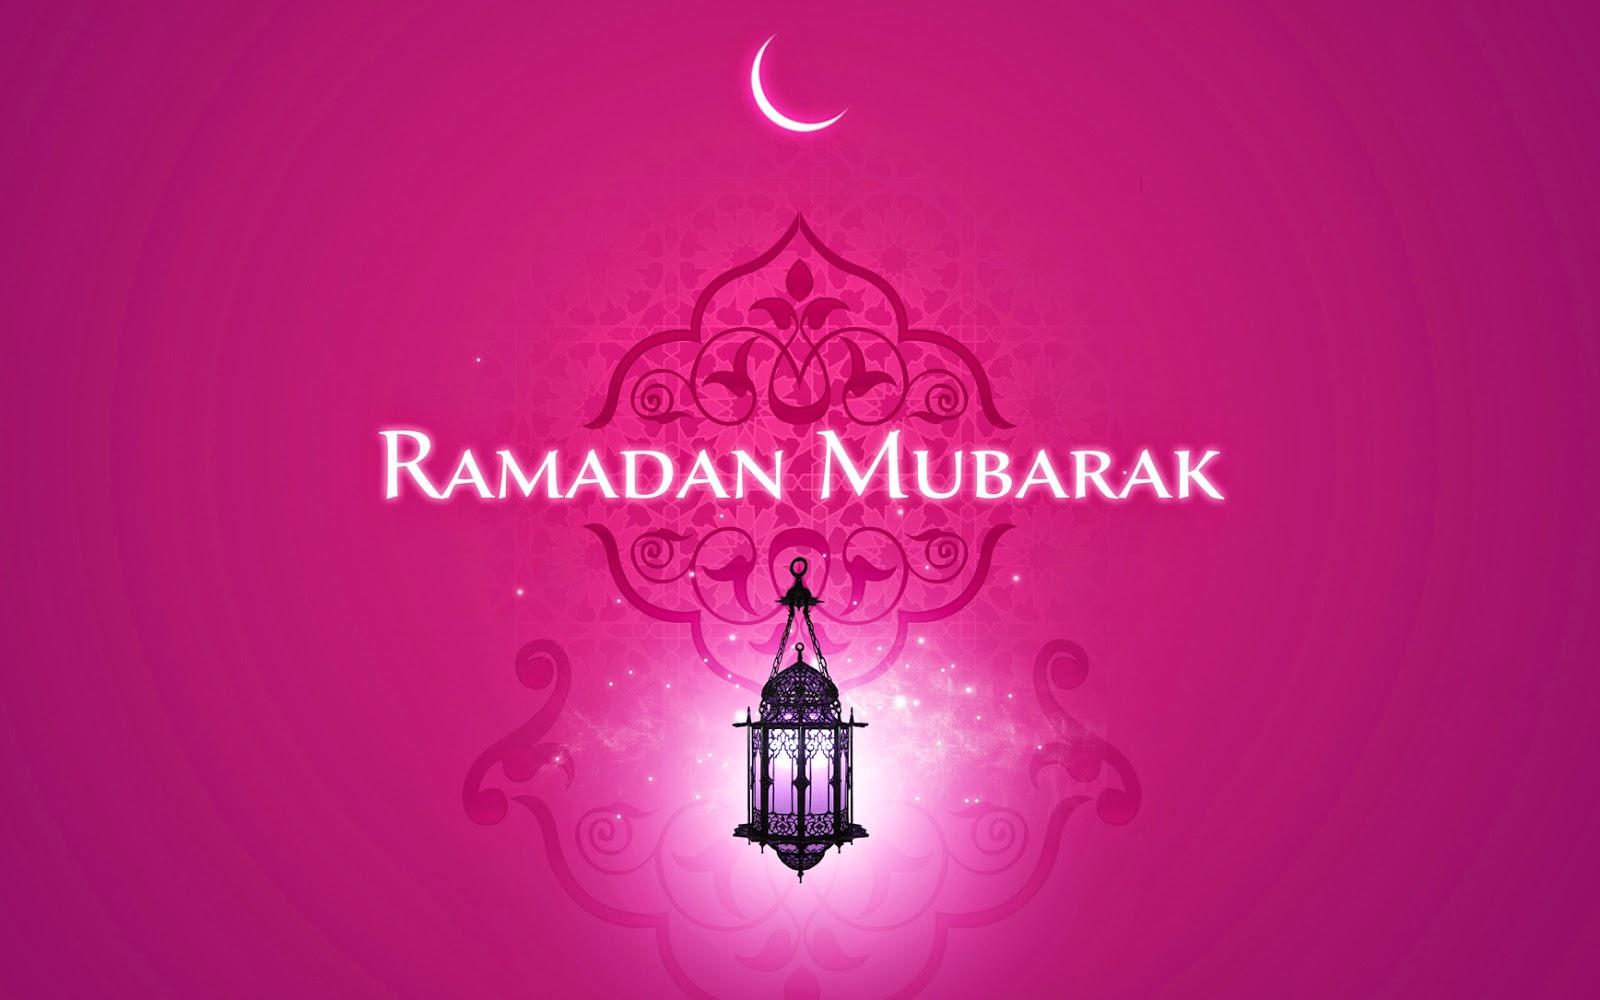 happy-Ramadan-2012-1-2.jpg